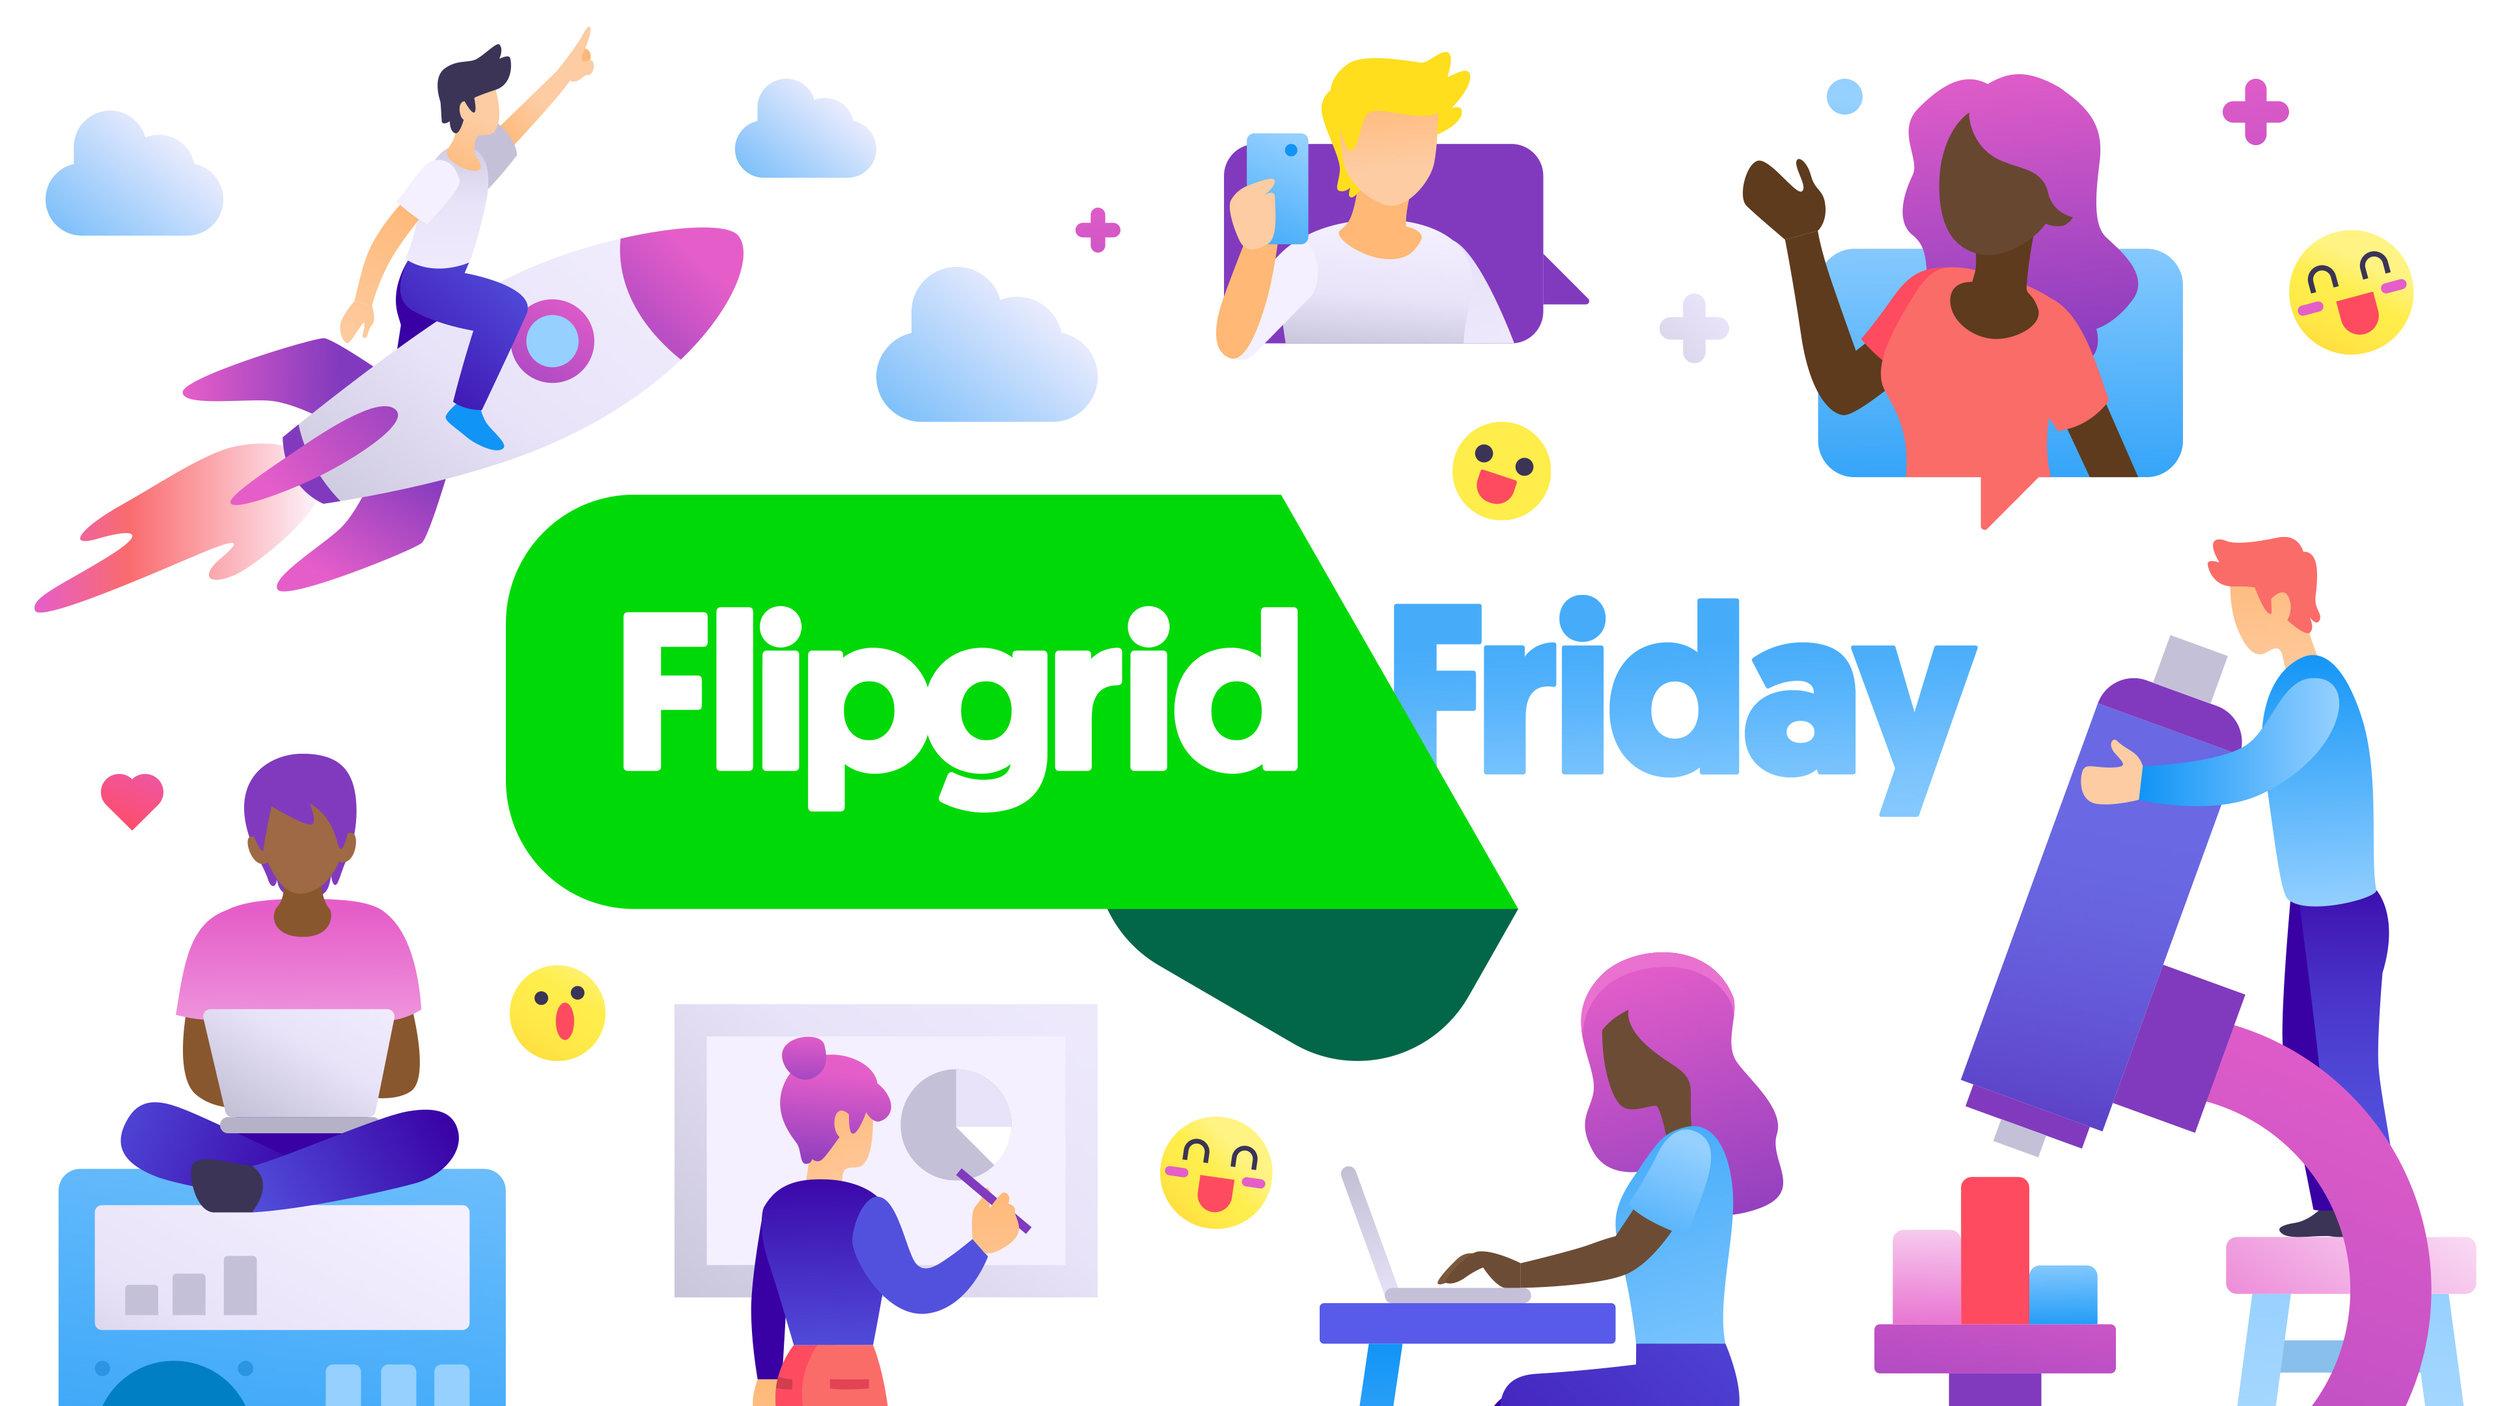 FlipgridFriday.jpg